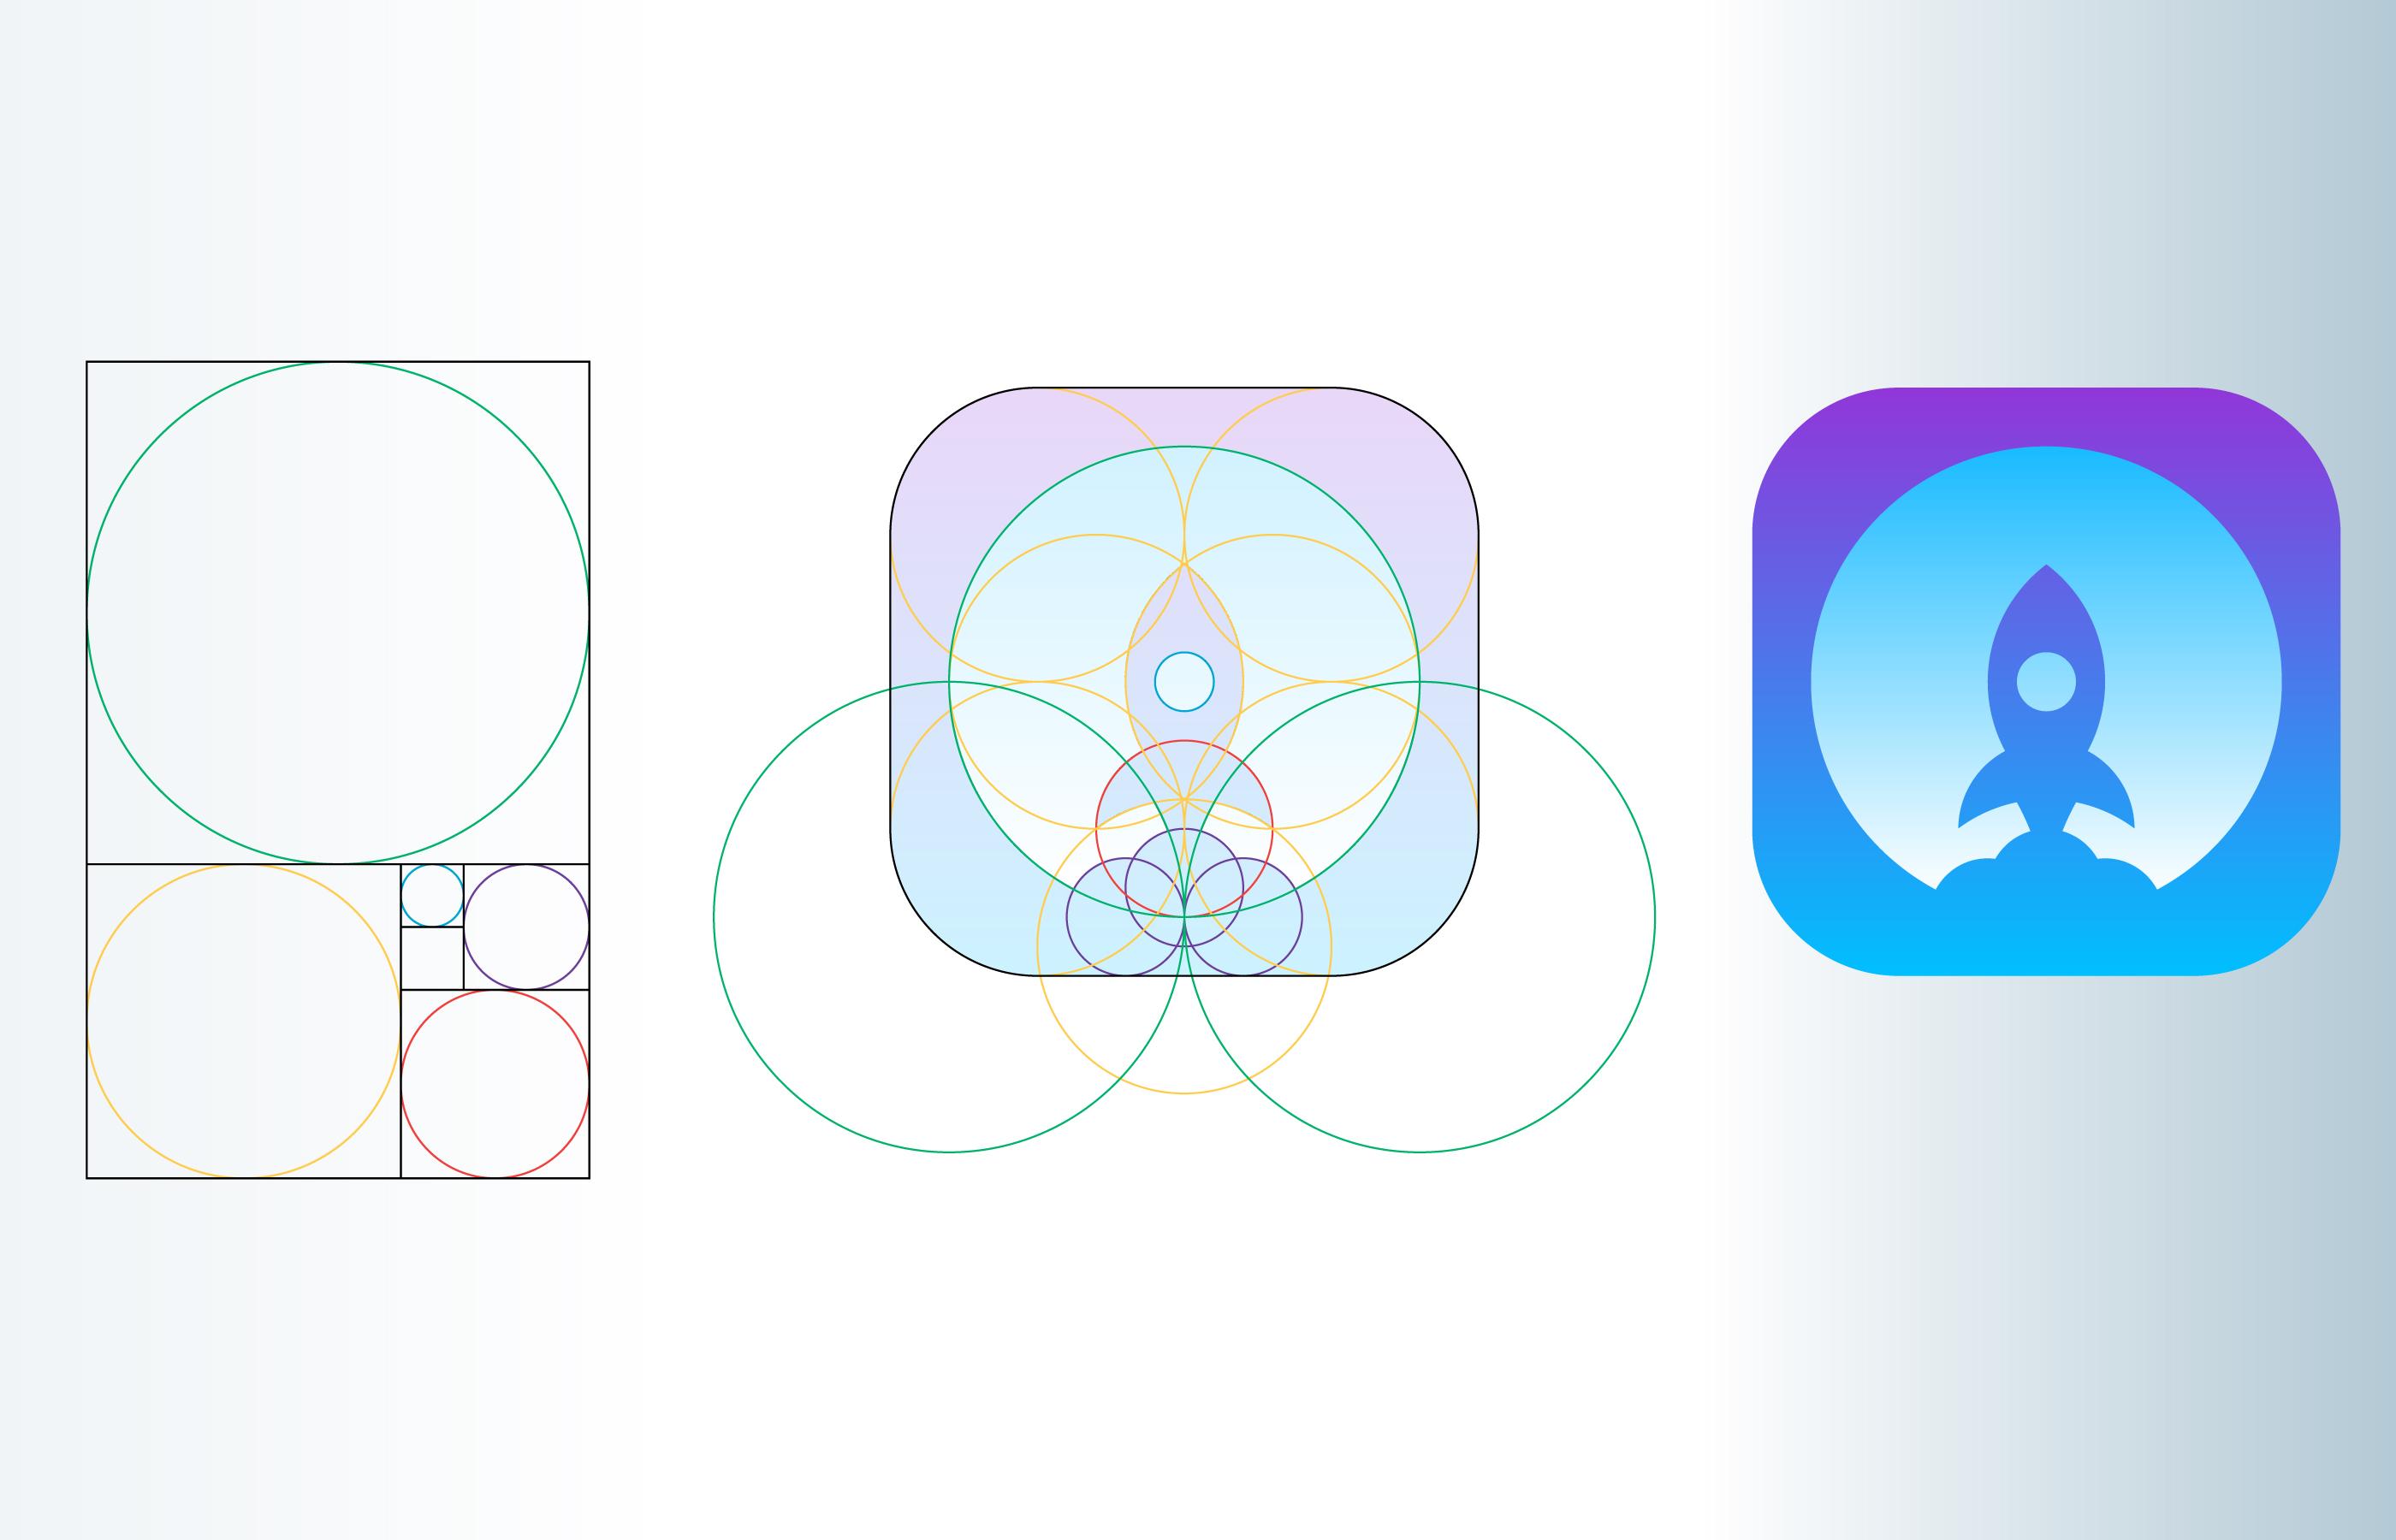 Fibonacci Rocket Logo Golden Ratio Plantilla Ilustración - Descargue ...